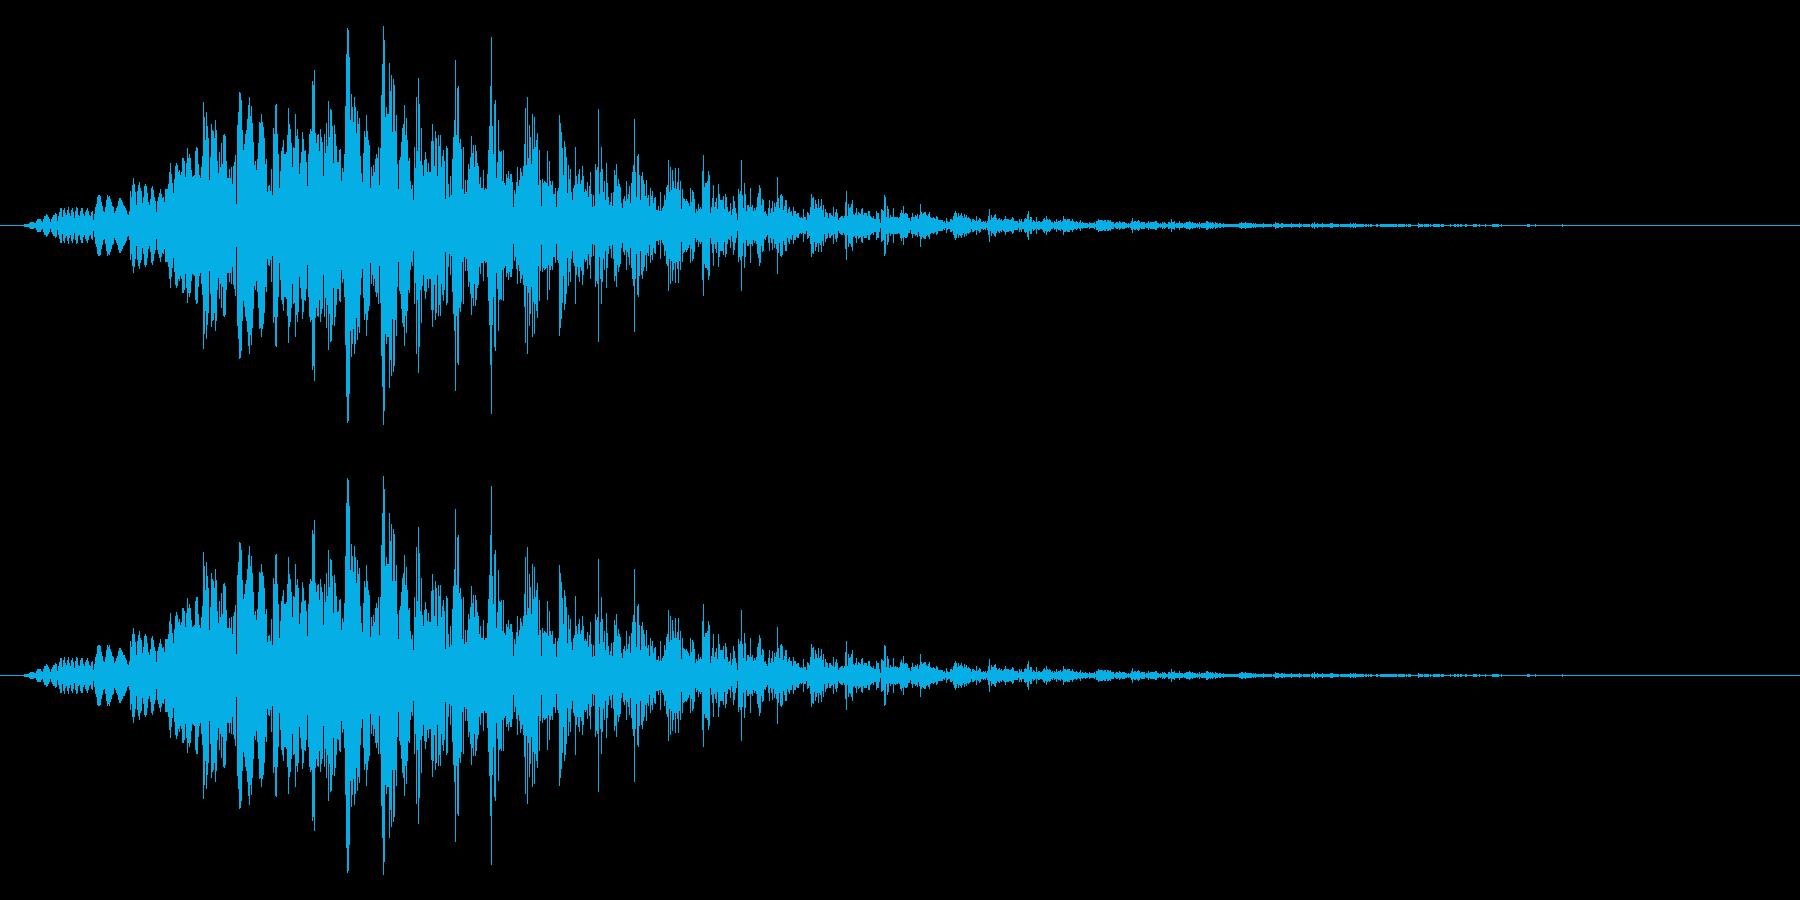 場面転換/テレビ番組/テンションダウンの再生済みの波形